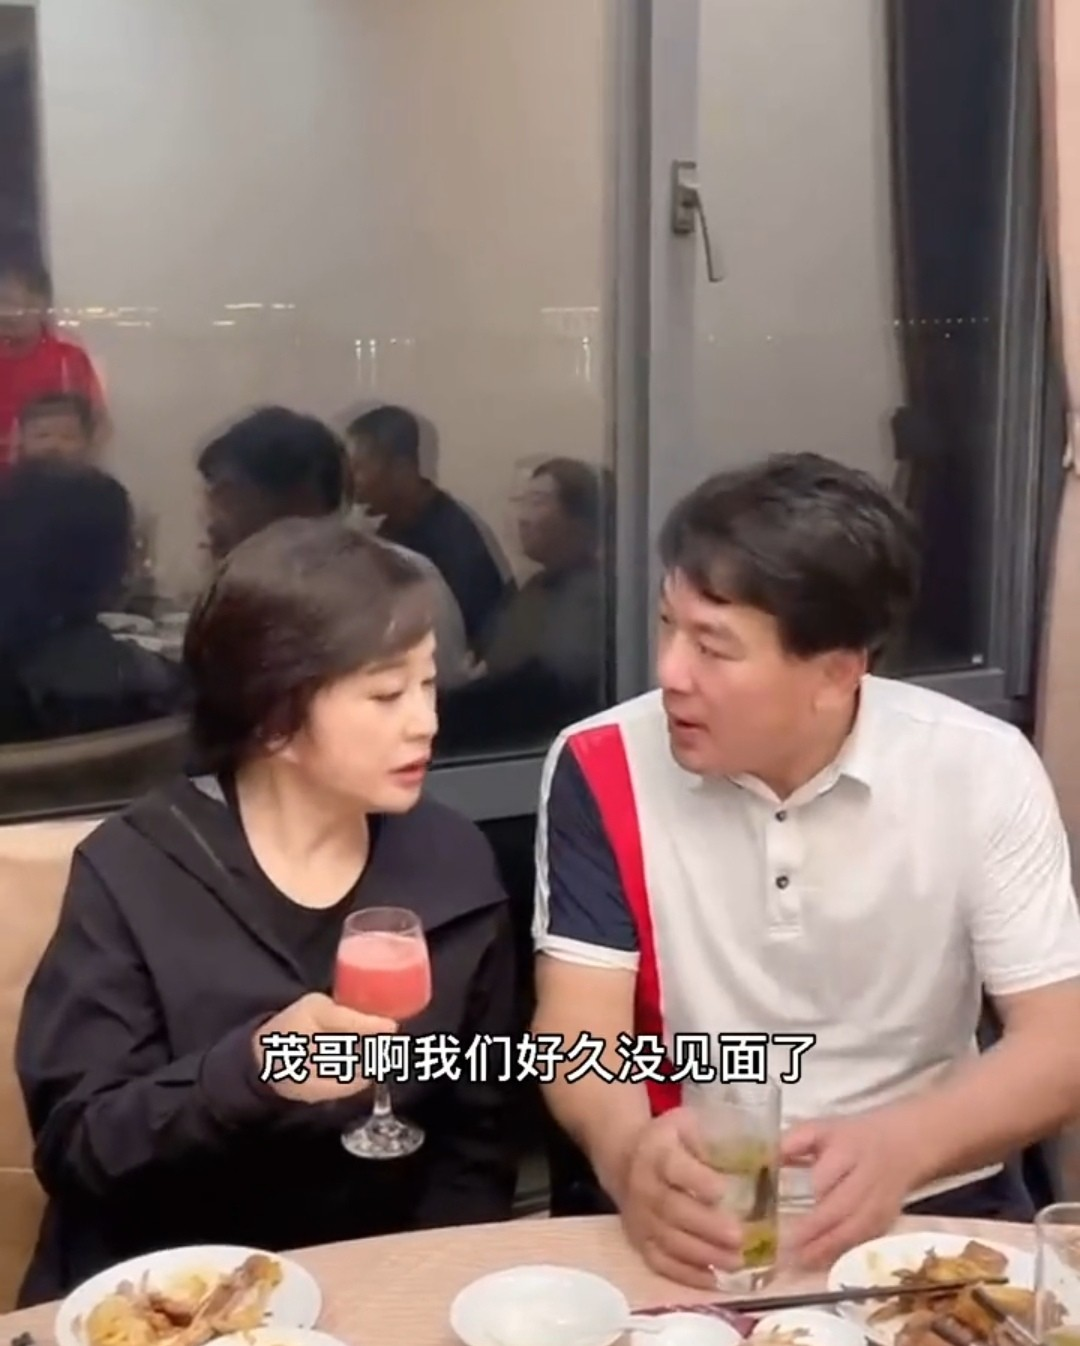 朱时茂刘晓庆聚餐热聊,二人已半年多未见,十几年好友情谊深厚